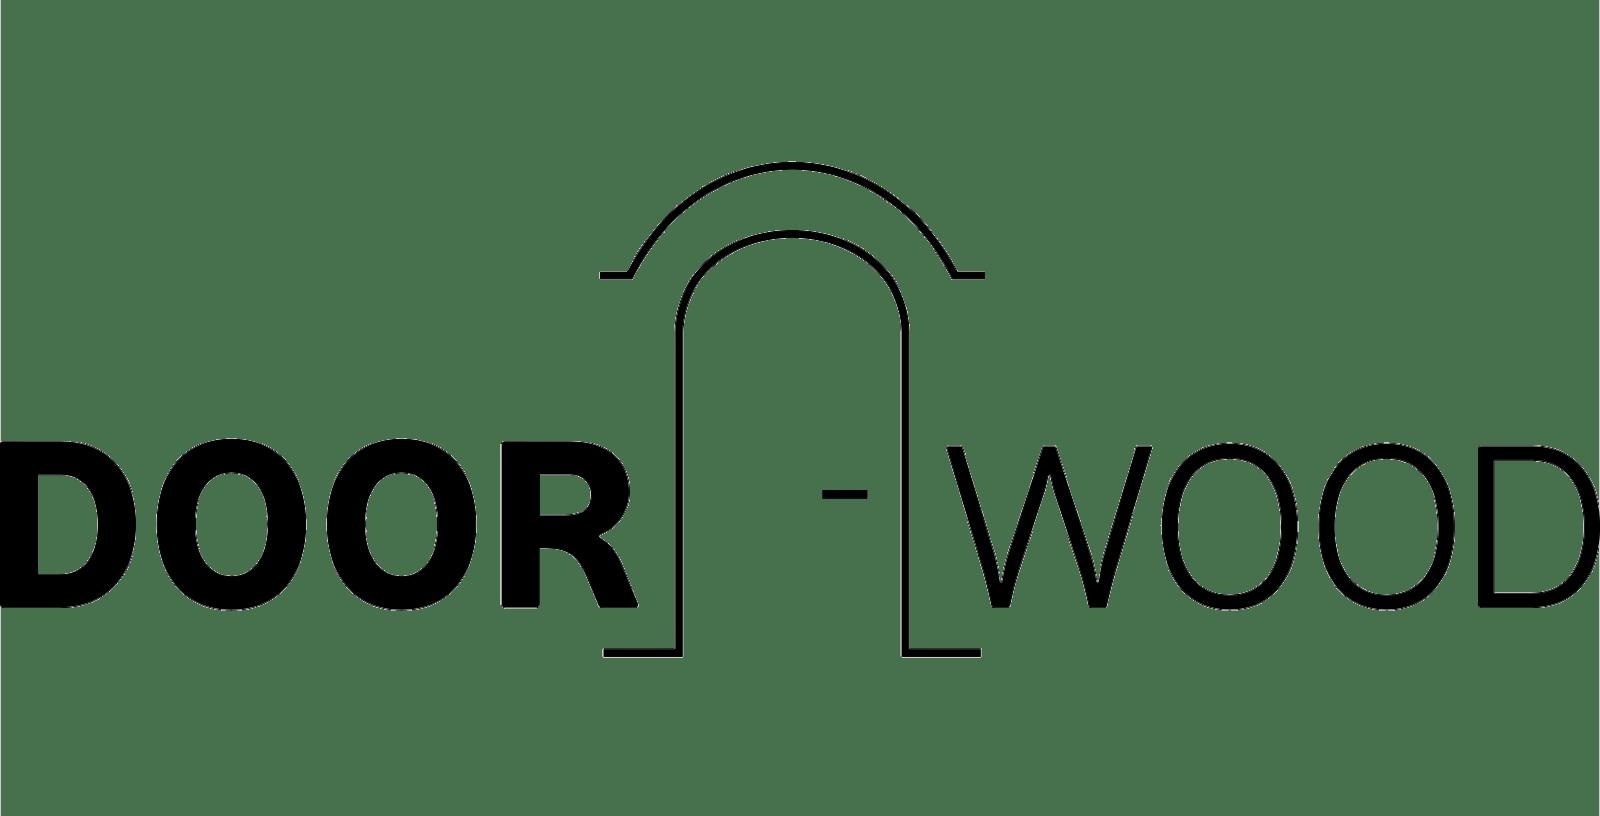 doorwood лого черный на порозрачном